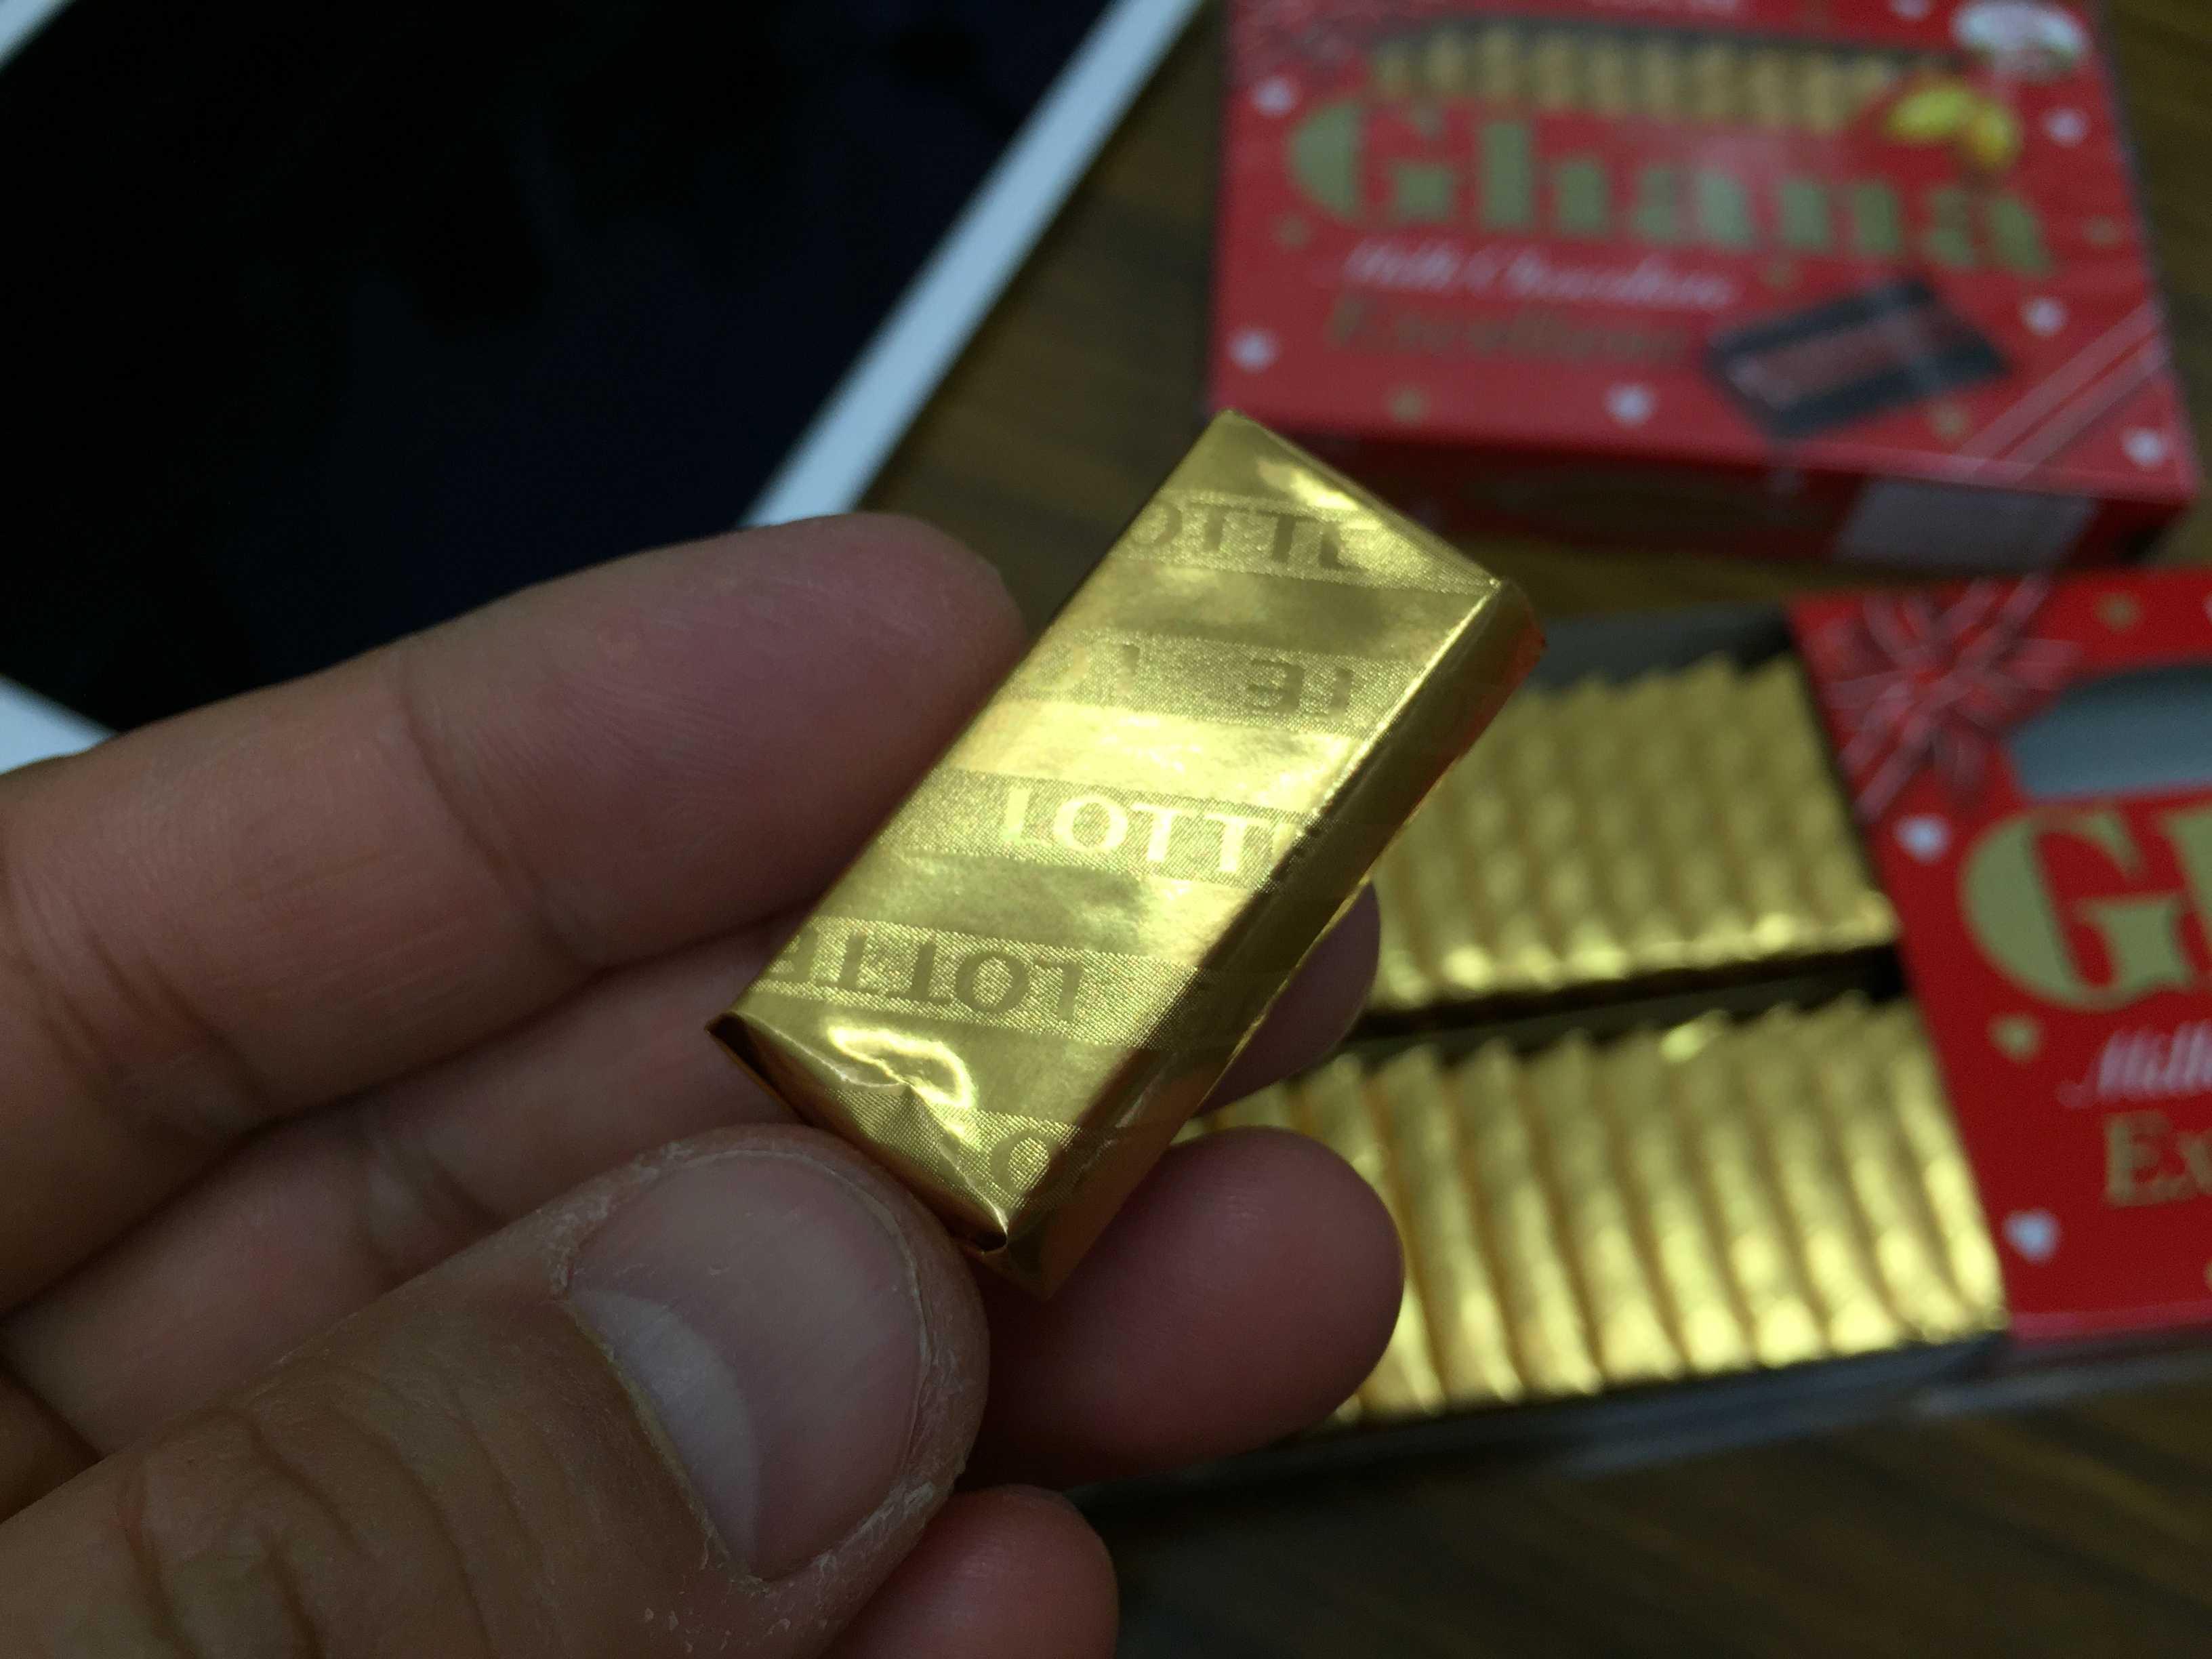 ガーナチョコレート - 個包装